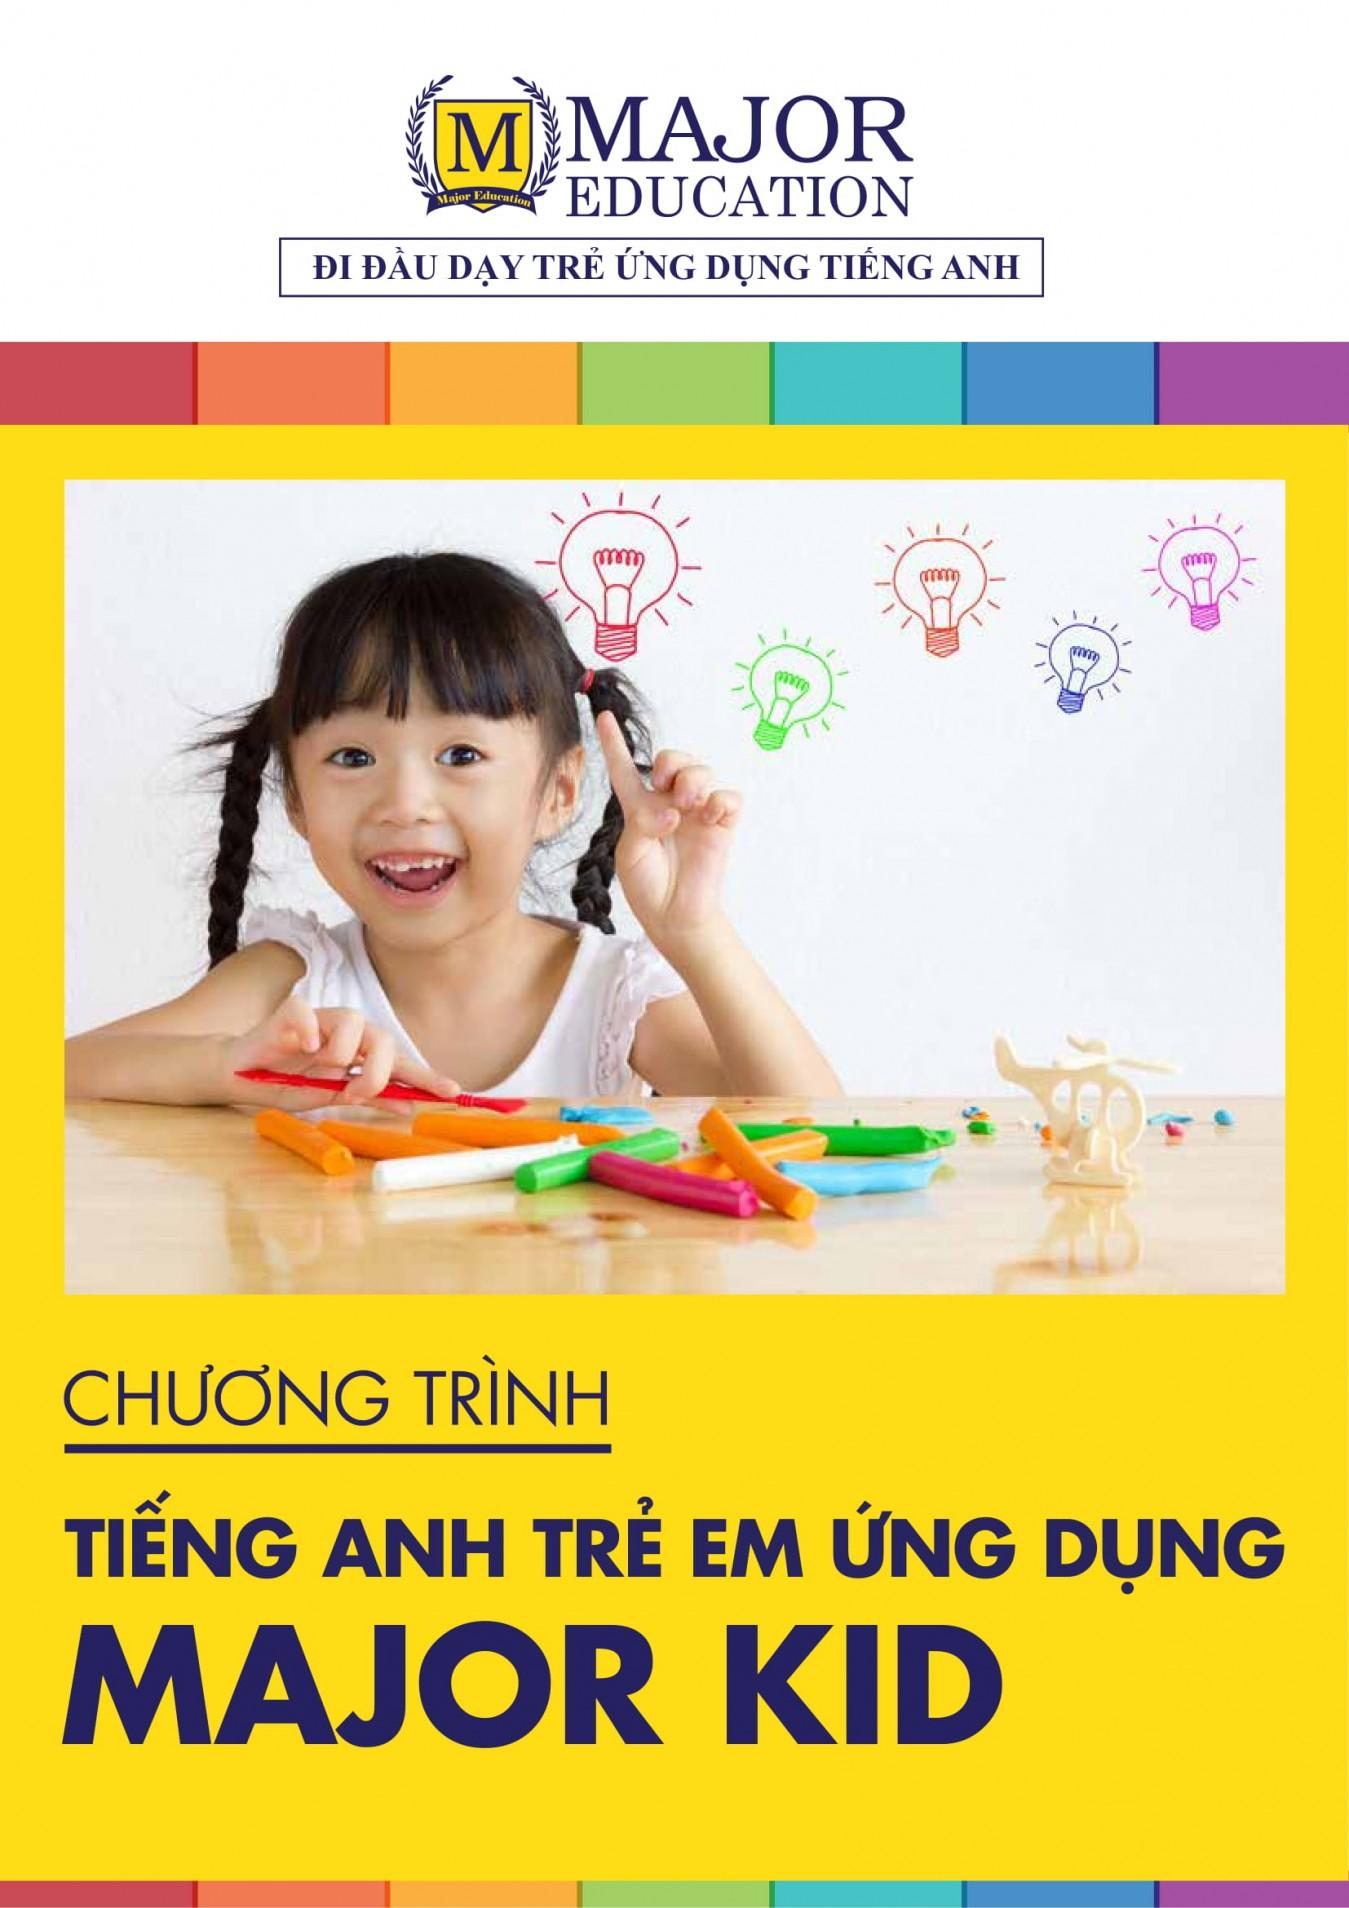 Chương Trình Học Tiếng Anh Trẻ Em Ứng Dụng Major Kid-01